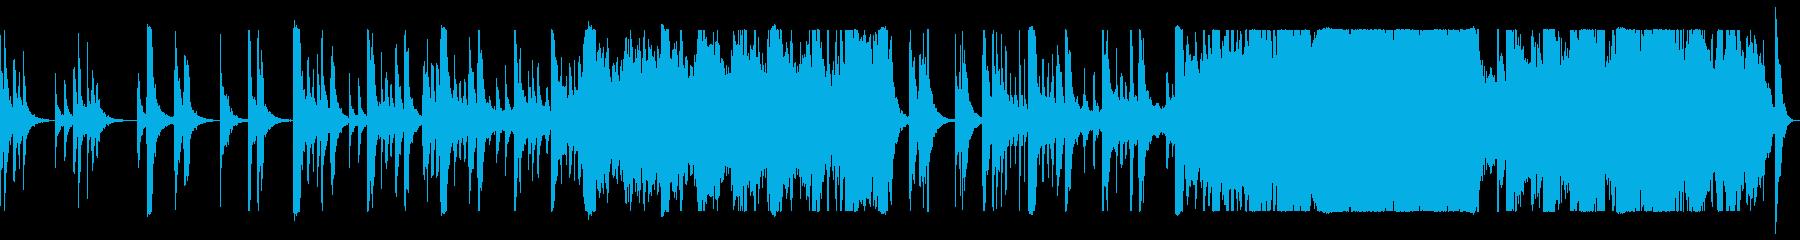 ダイナミックなオーケストラ曲の再生済みの波形